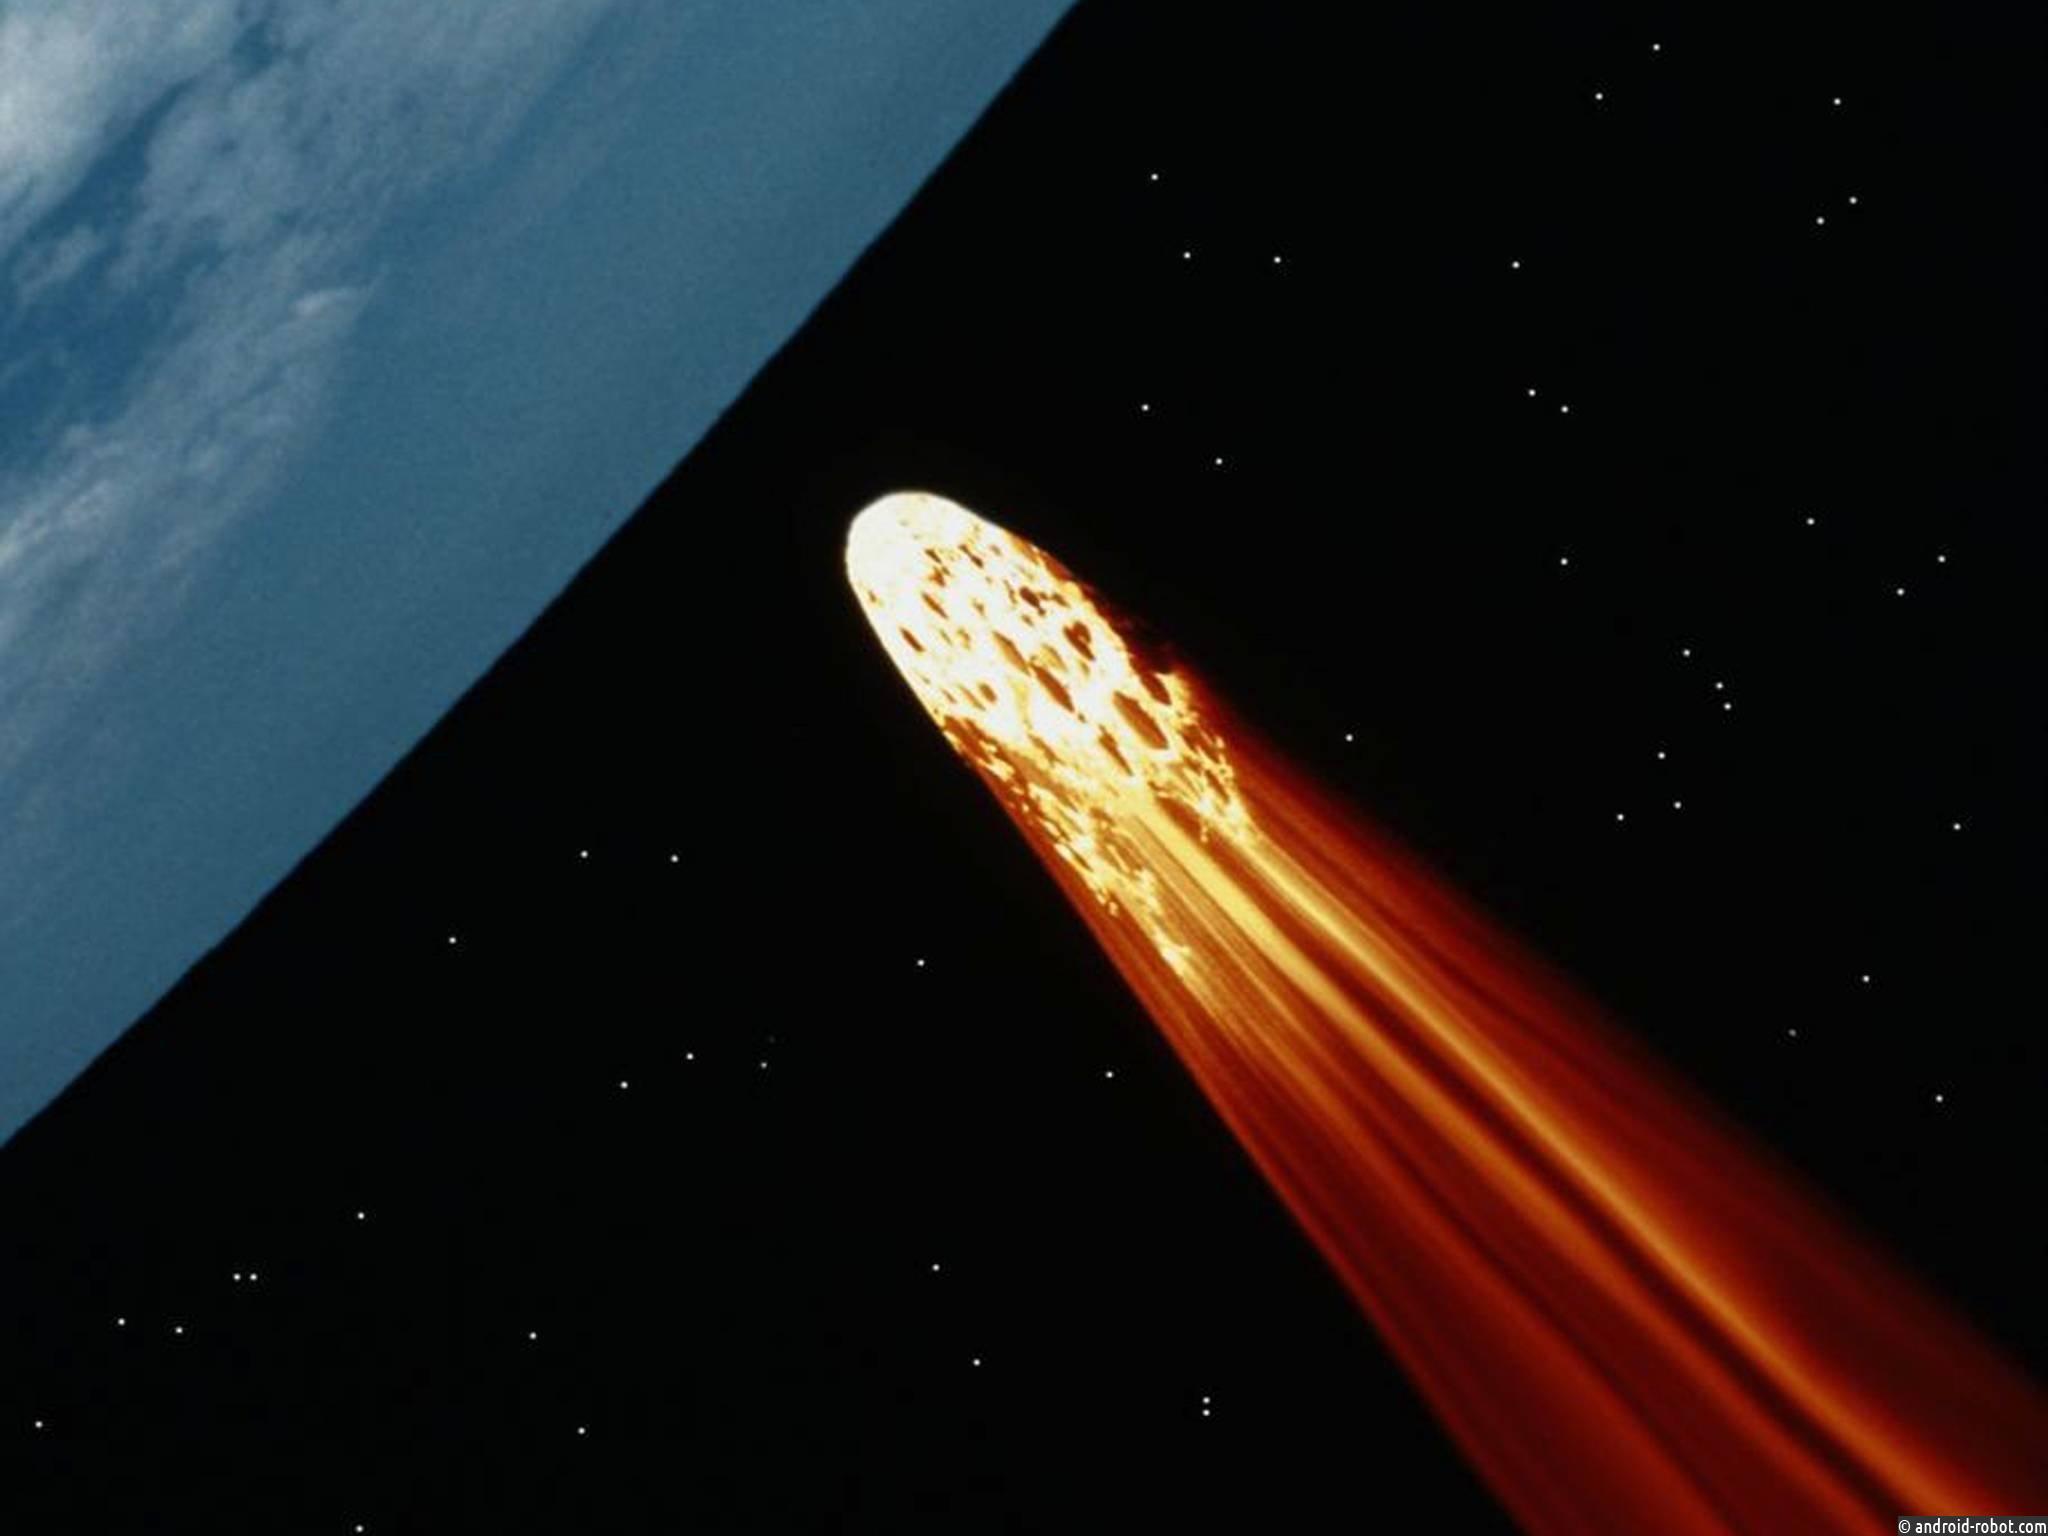 Пришельцы могли прилететь наЗемлю сТунгусским метеоритом— специалист